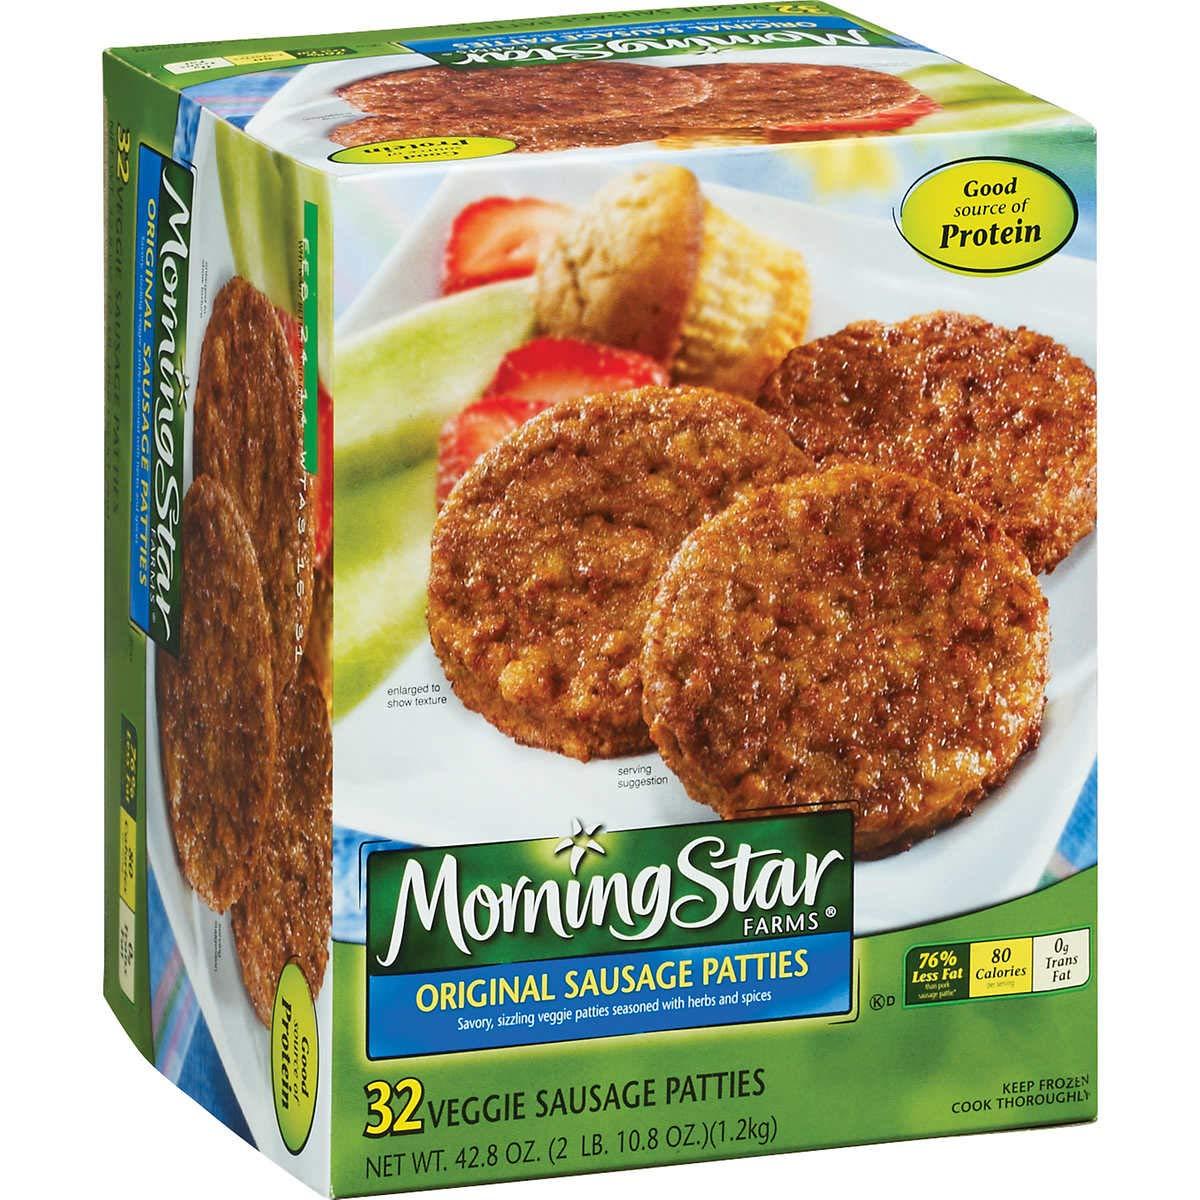 Morning Star Farms Original Veggie Sausage Patties (2 Pack) by Morningstar Farms (Image #1)